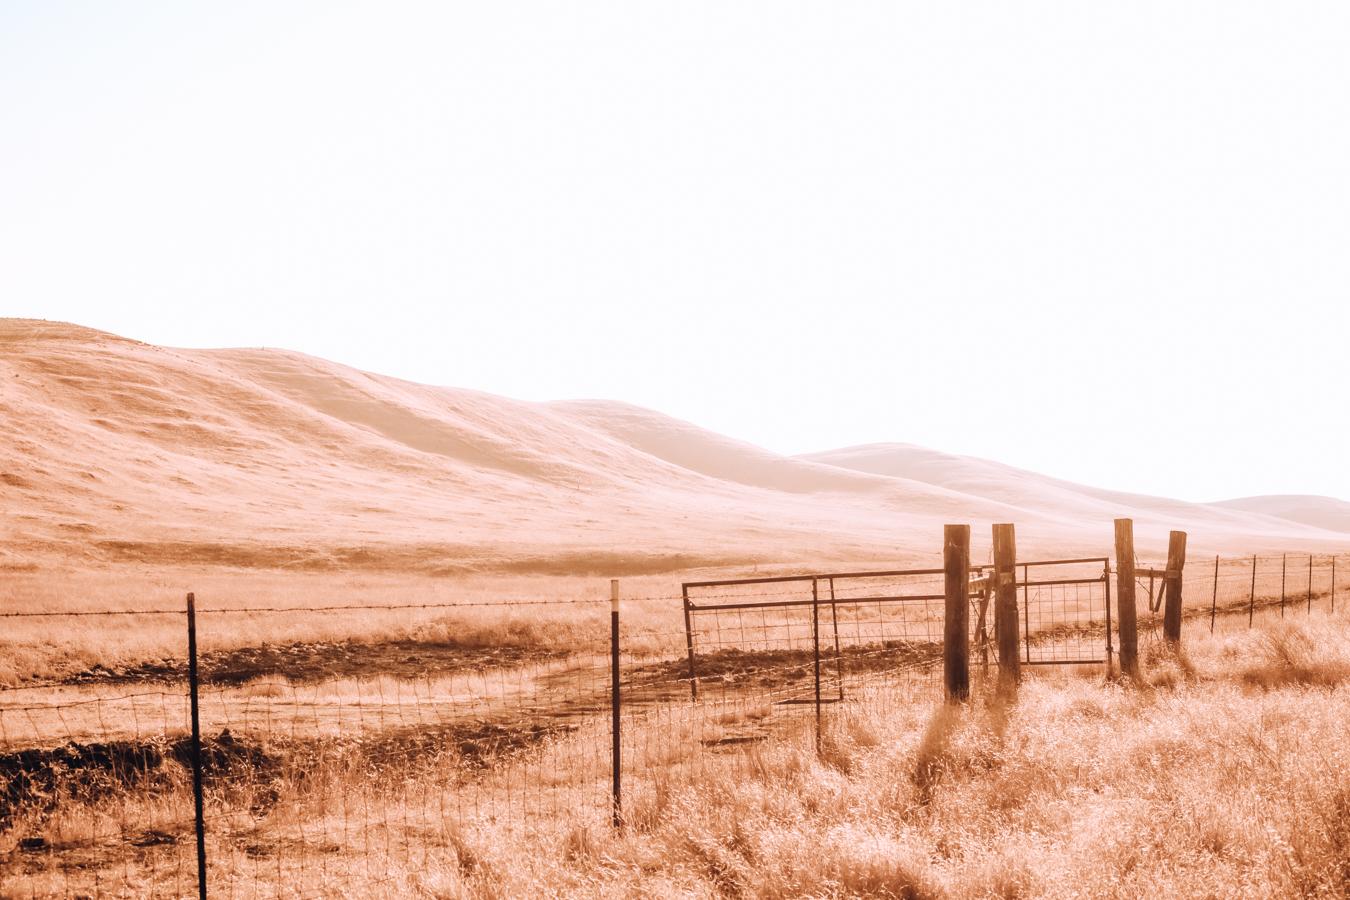 Landscape in Bakersfield